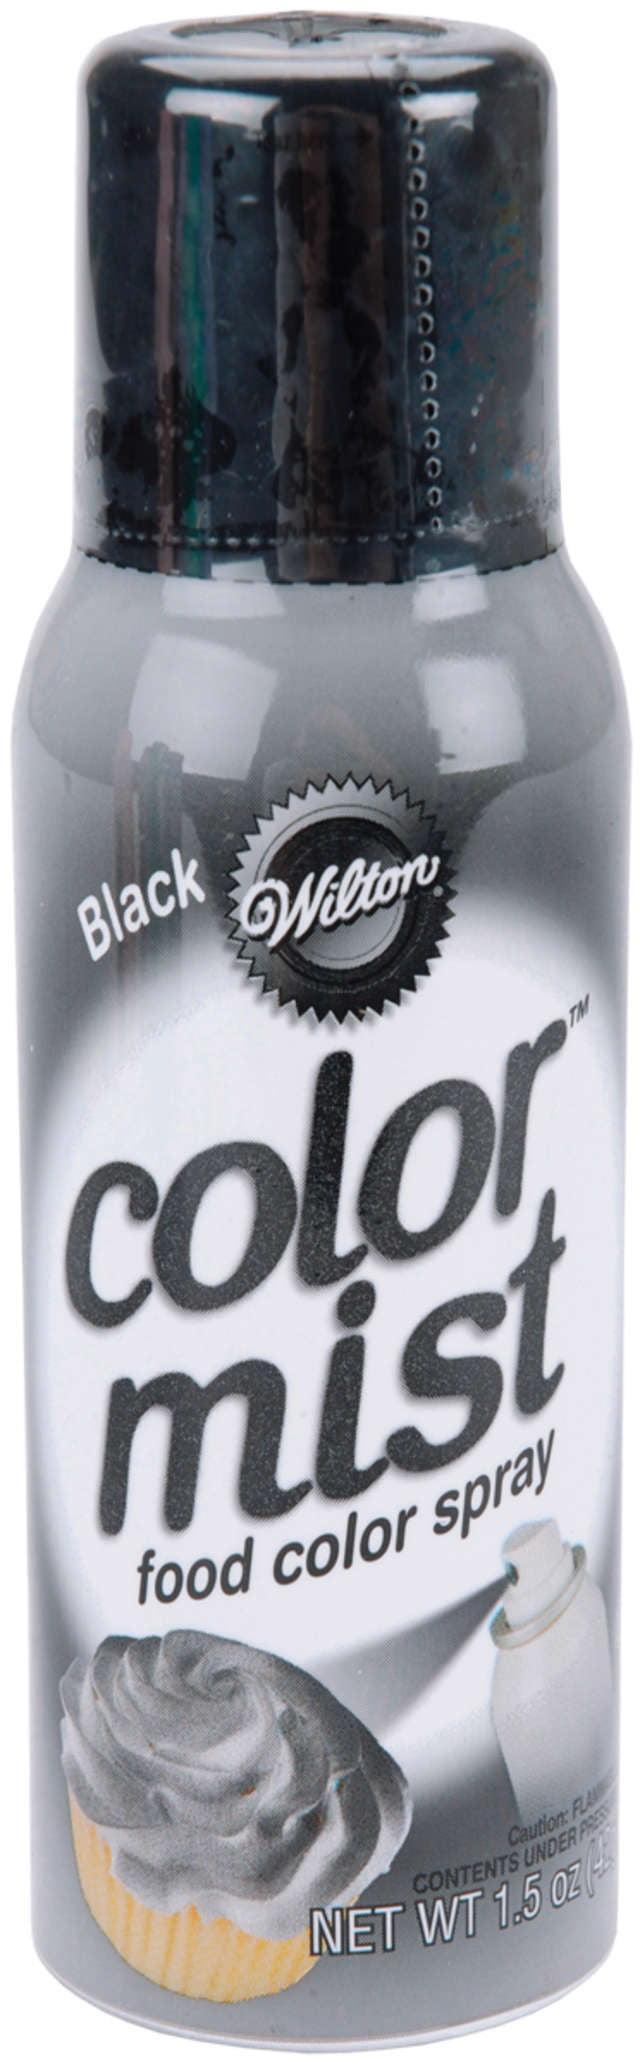 Wilton Color Mist Food Color Spray, Black